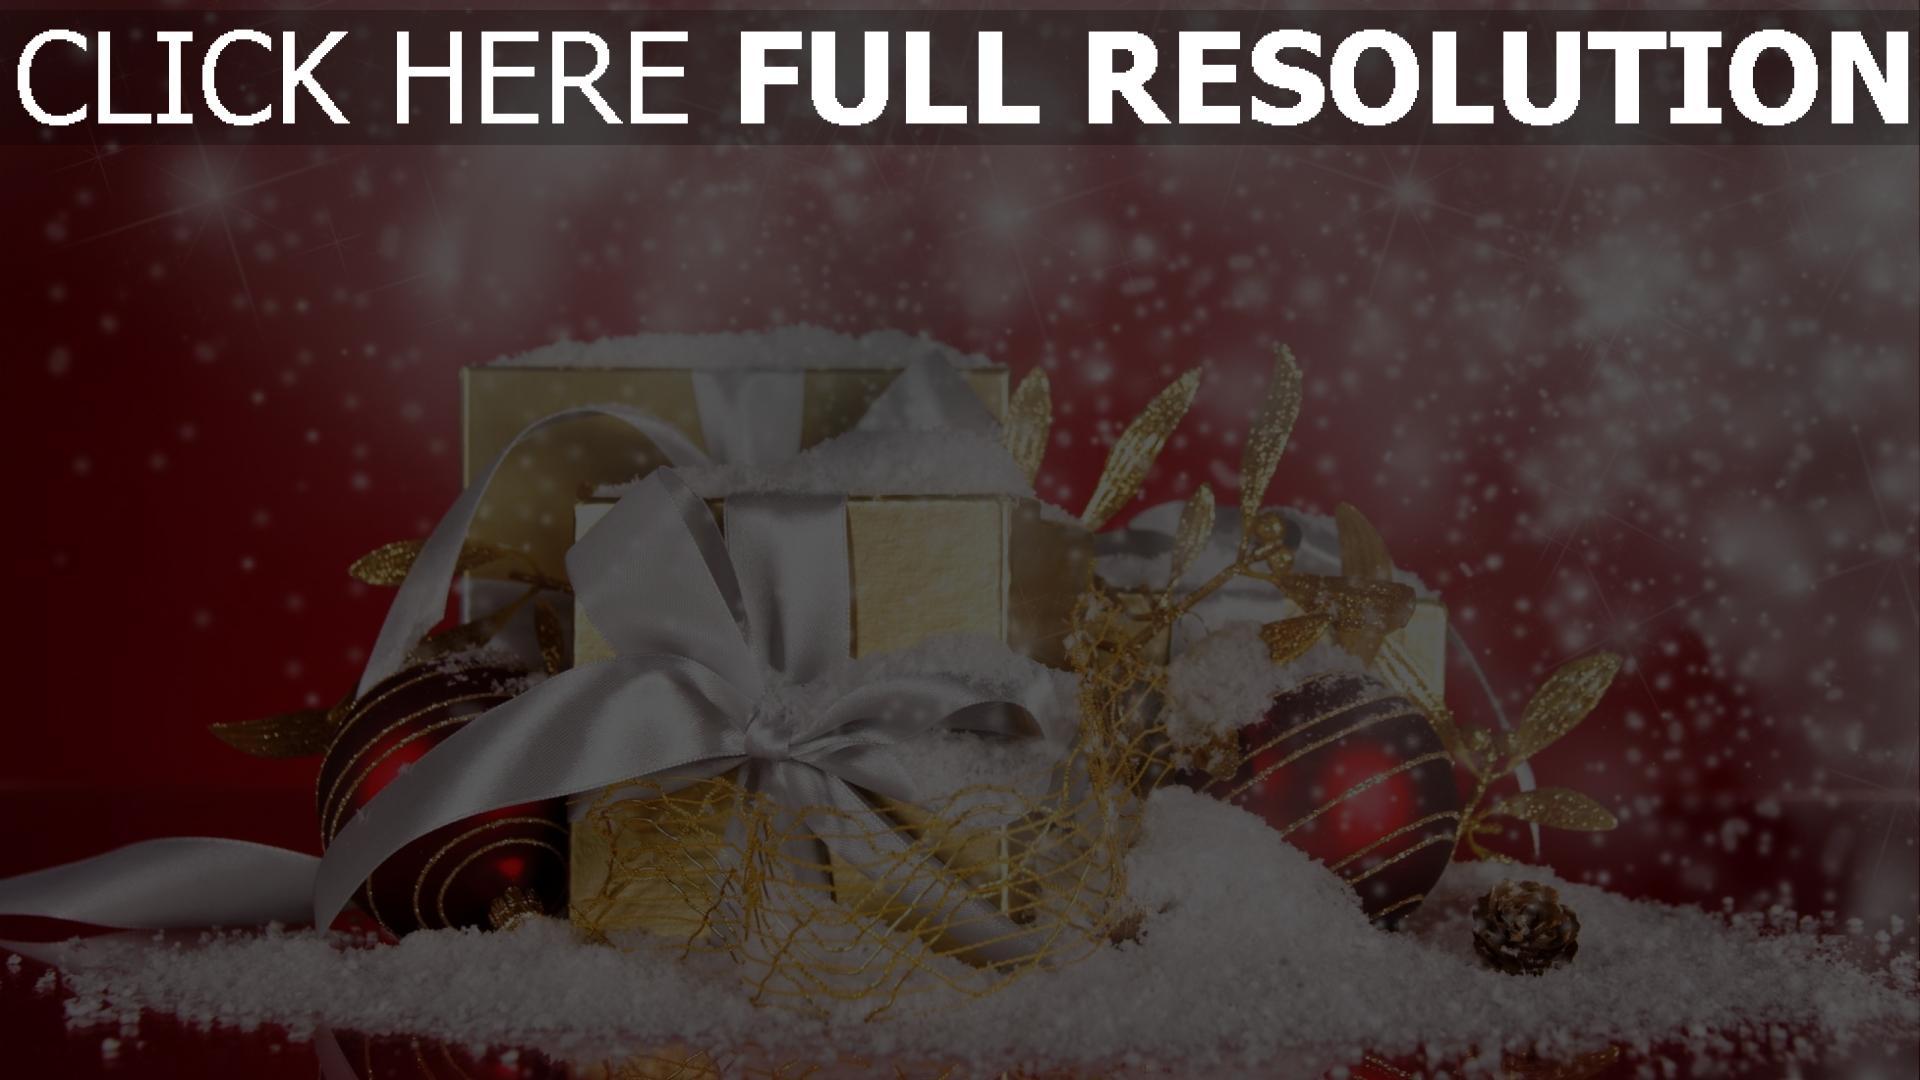 hd hintergrundbilder geschenke schnee weihnachten feiertag. Black Bedroom Furniture Sets. Home Design Ideas